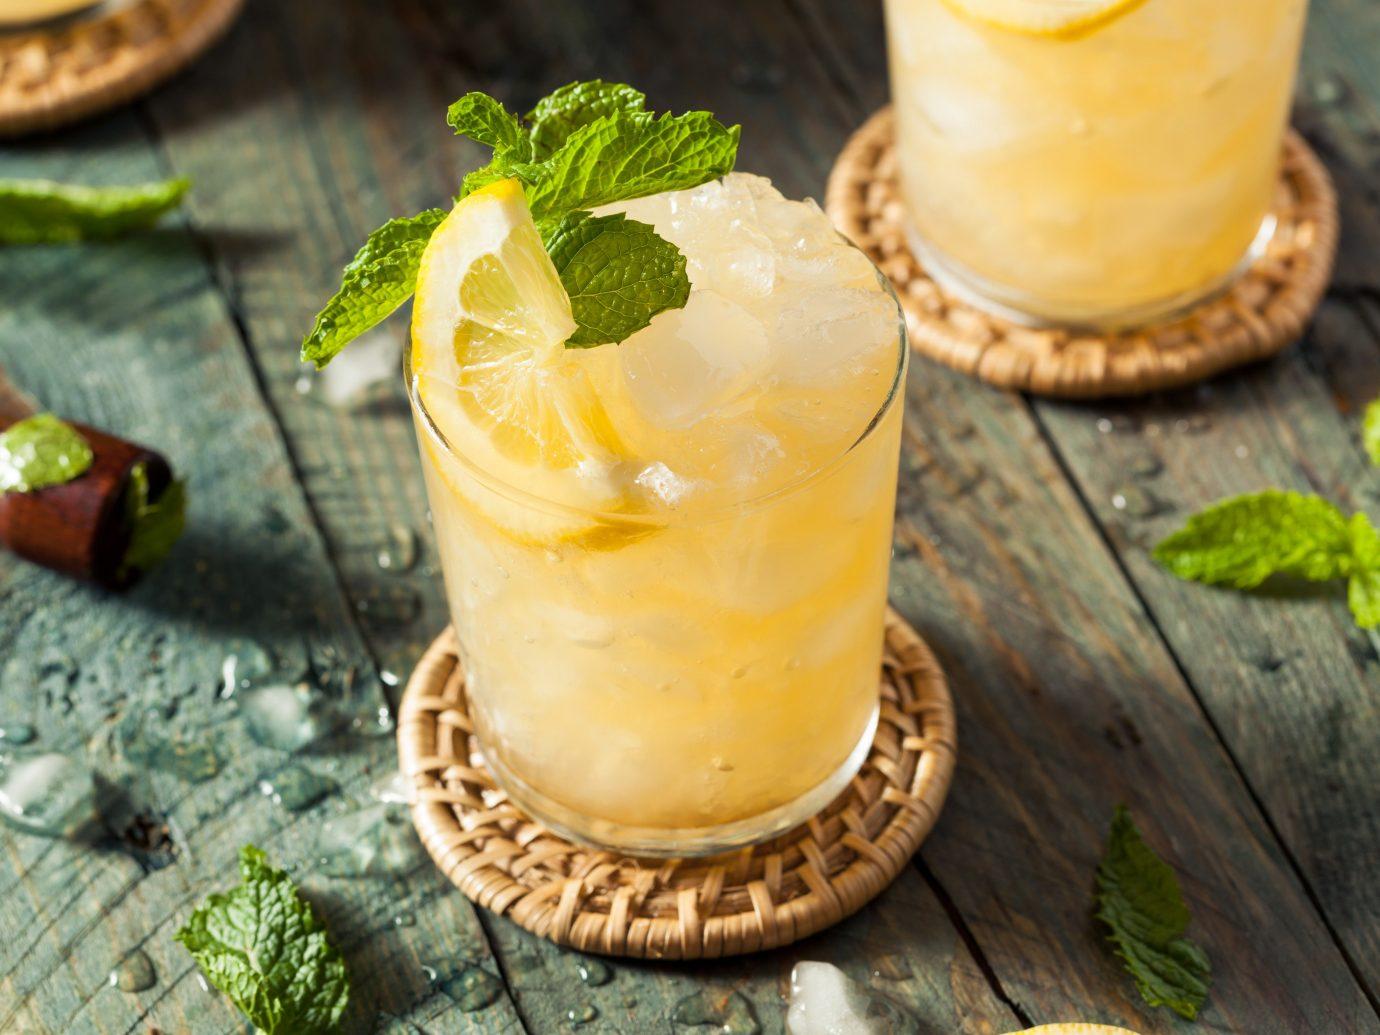 Trip Ideas cup food plant produce fruit Drink cocktail land plant citrus pineapple flowering plant smoothie dish mint julep lemonade dessert